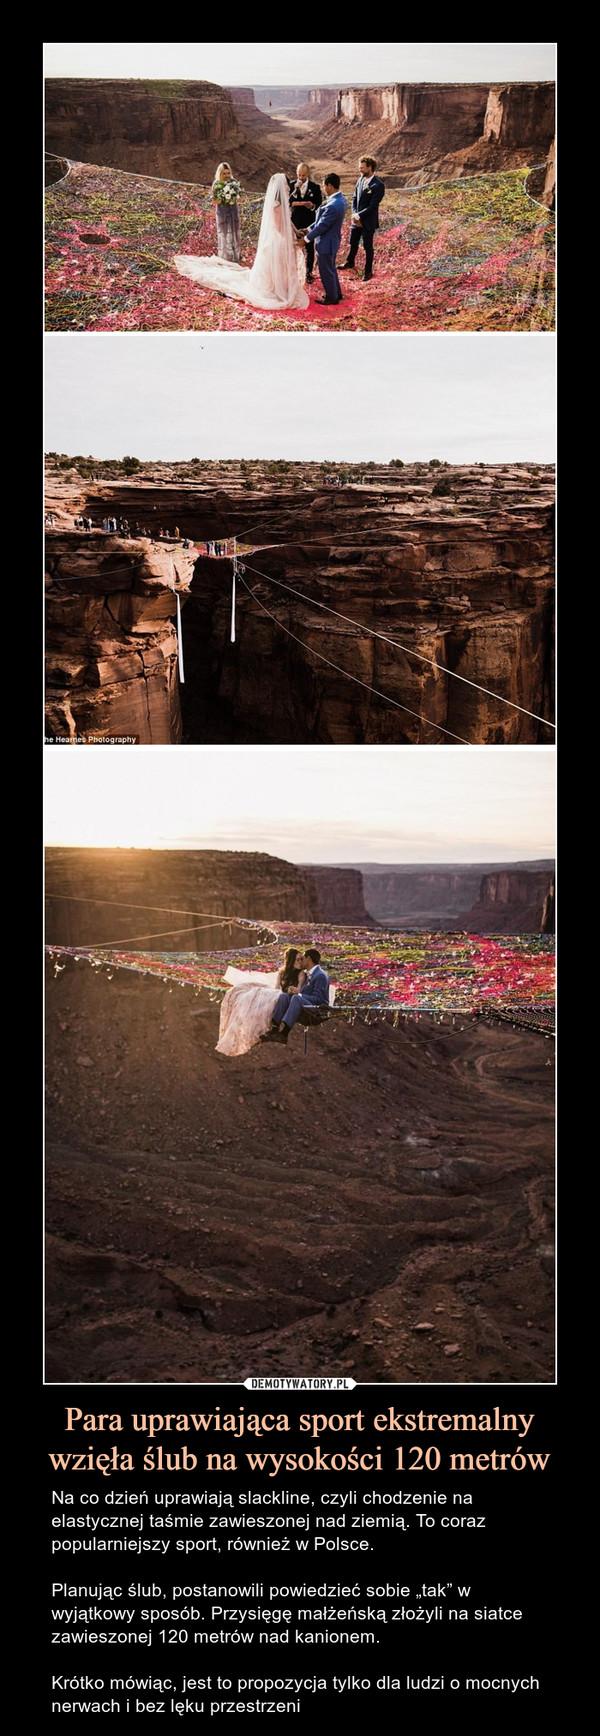 """Para uprawiająca sport ekstremalny wzięła ślub na wysokości 120 metrów – Na co dzień uprawiają slackline, czyli chodzenie na elastycznej taśmie zawieszonej nad ziemią. To coraz popularniejszy sport, również w Polsce. Planując ślub, postanowili powiedzieć sobie """"tak"""" w wyjątkowy sposób. Przysięgę małżeńską złożyli na siatce  zawieszonej 120 metrów nad kanionem. Krótko mówiąc, jest to propozycja tylko dla ludzi o mocnych nerwach i bez lęku przestrzeni"""